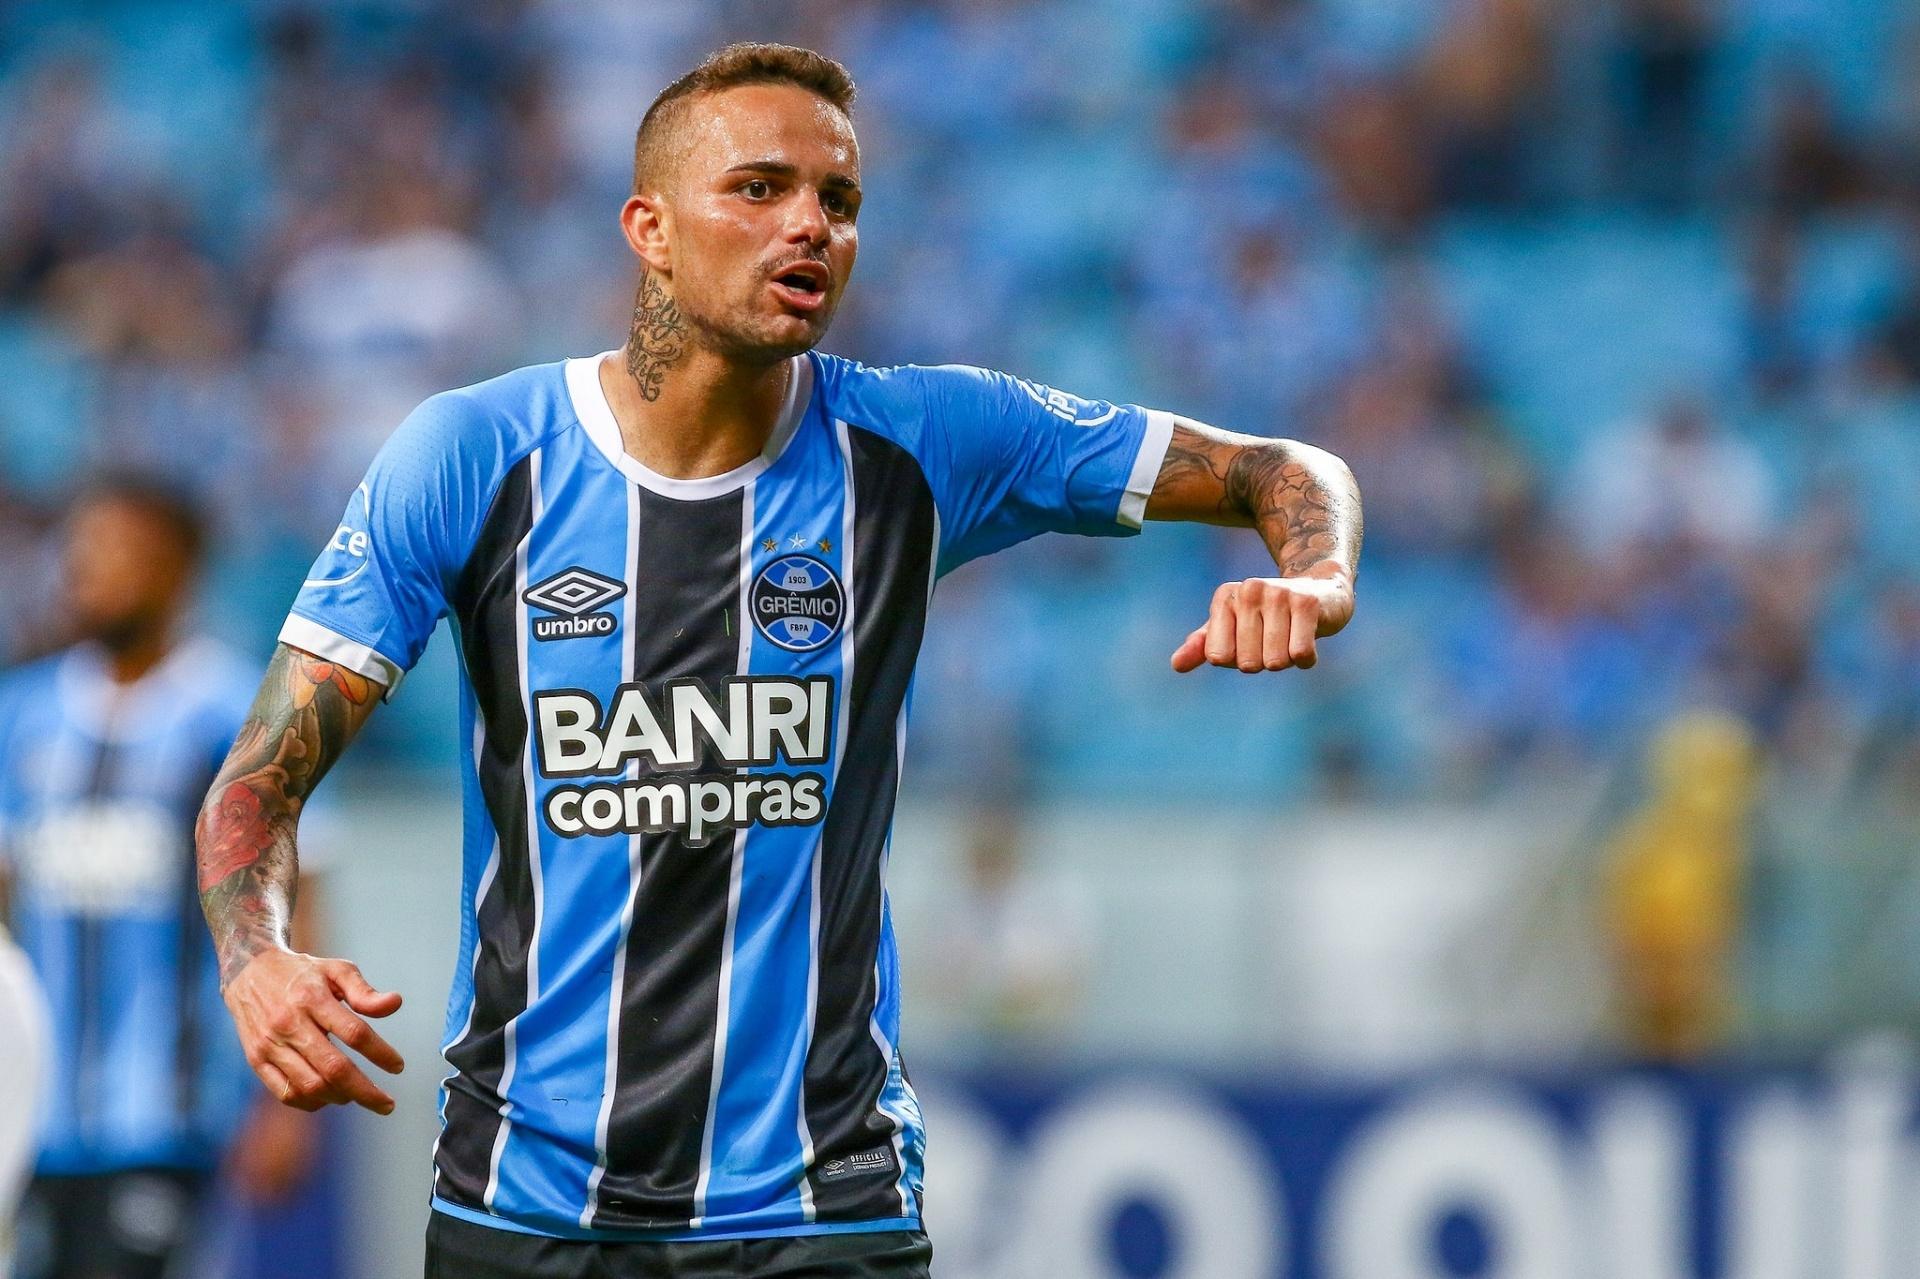 194080a92c Luan não enfrenta o Bahia e deve voltar ao Grêmio contra o Palmeiras -  01 06 2018 - UOL Esporte